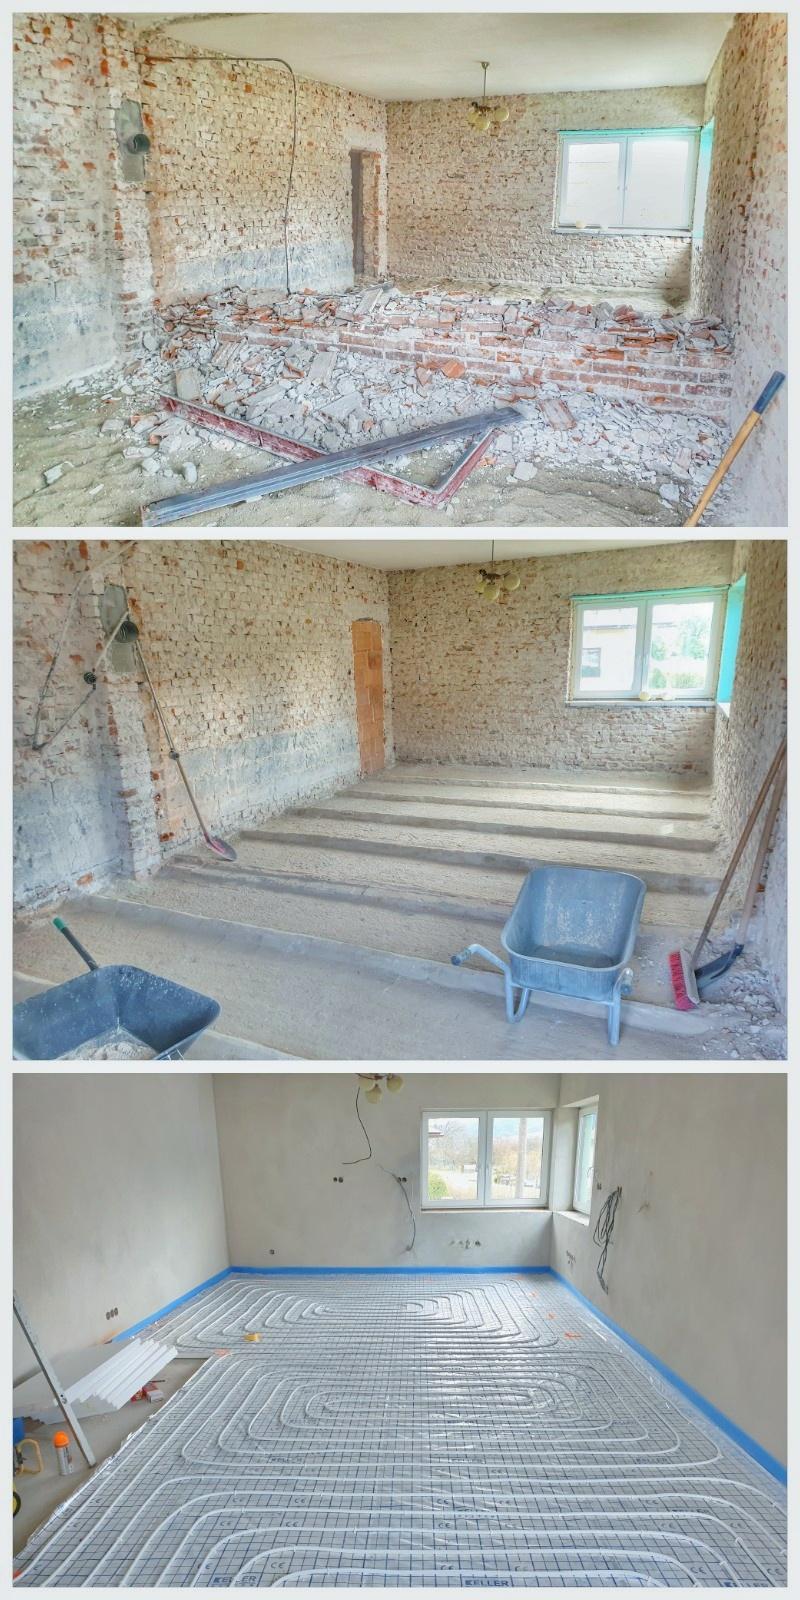 Rekonštrukcia domu-alebo chceme si splniť sen =》🏠🌻🌼🐶  mat domcek a vratit sa na Slovensko - Obrázok č. 632